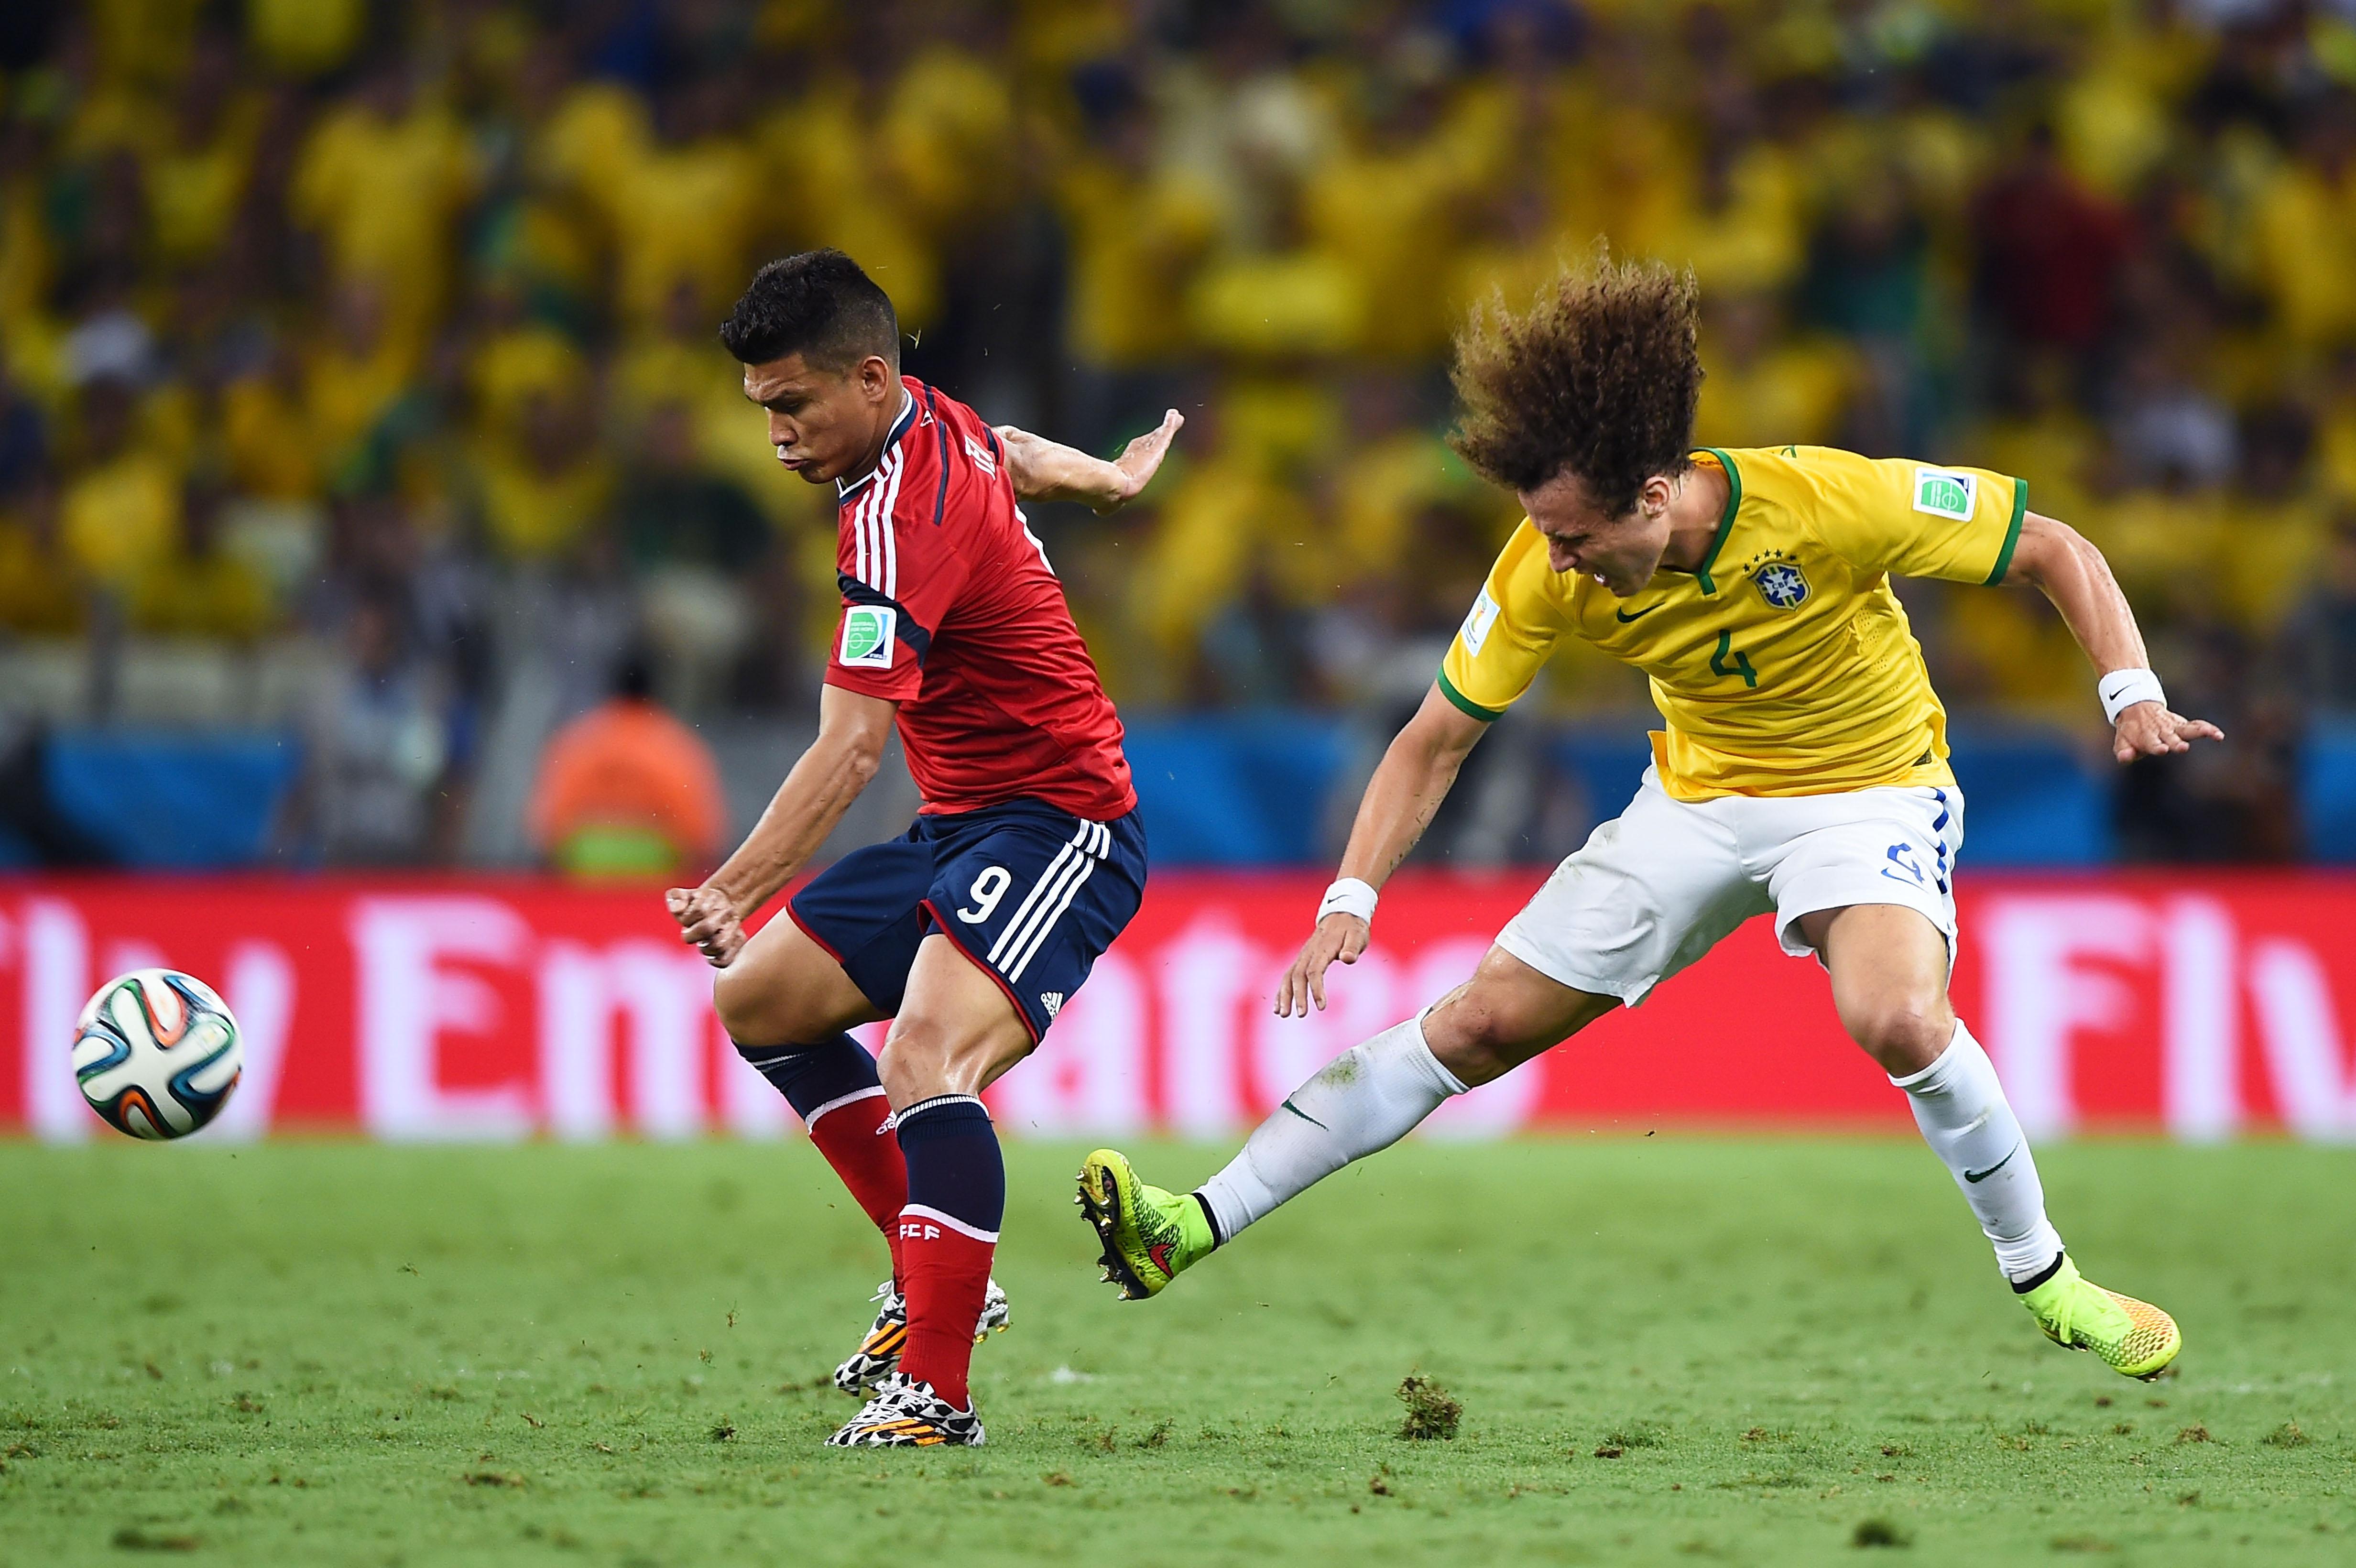 Brasilien gegen Kolumbien: zweites Tor für Brasilien durch David Luiz (Video)